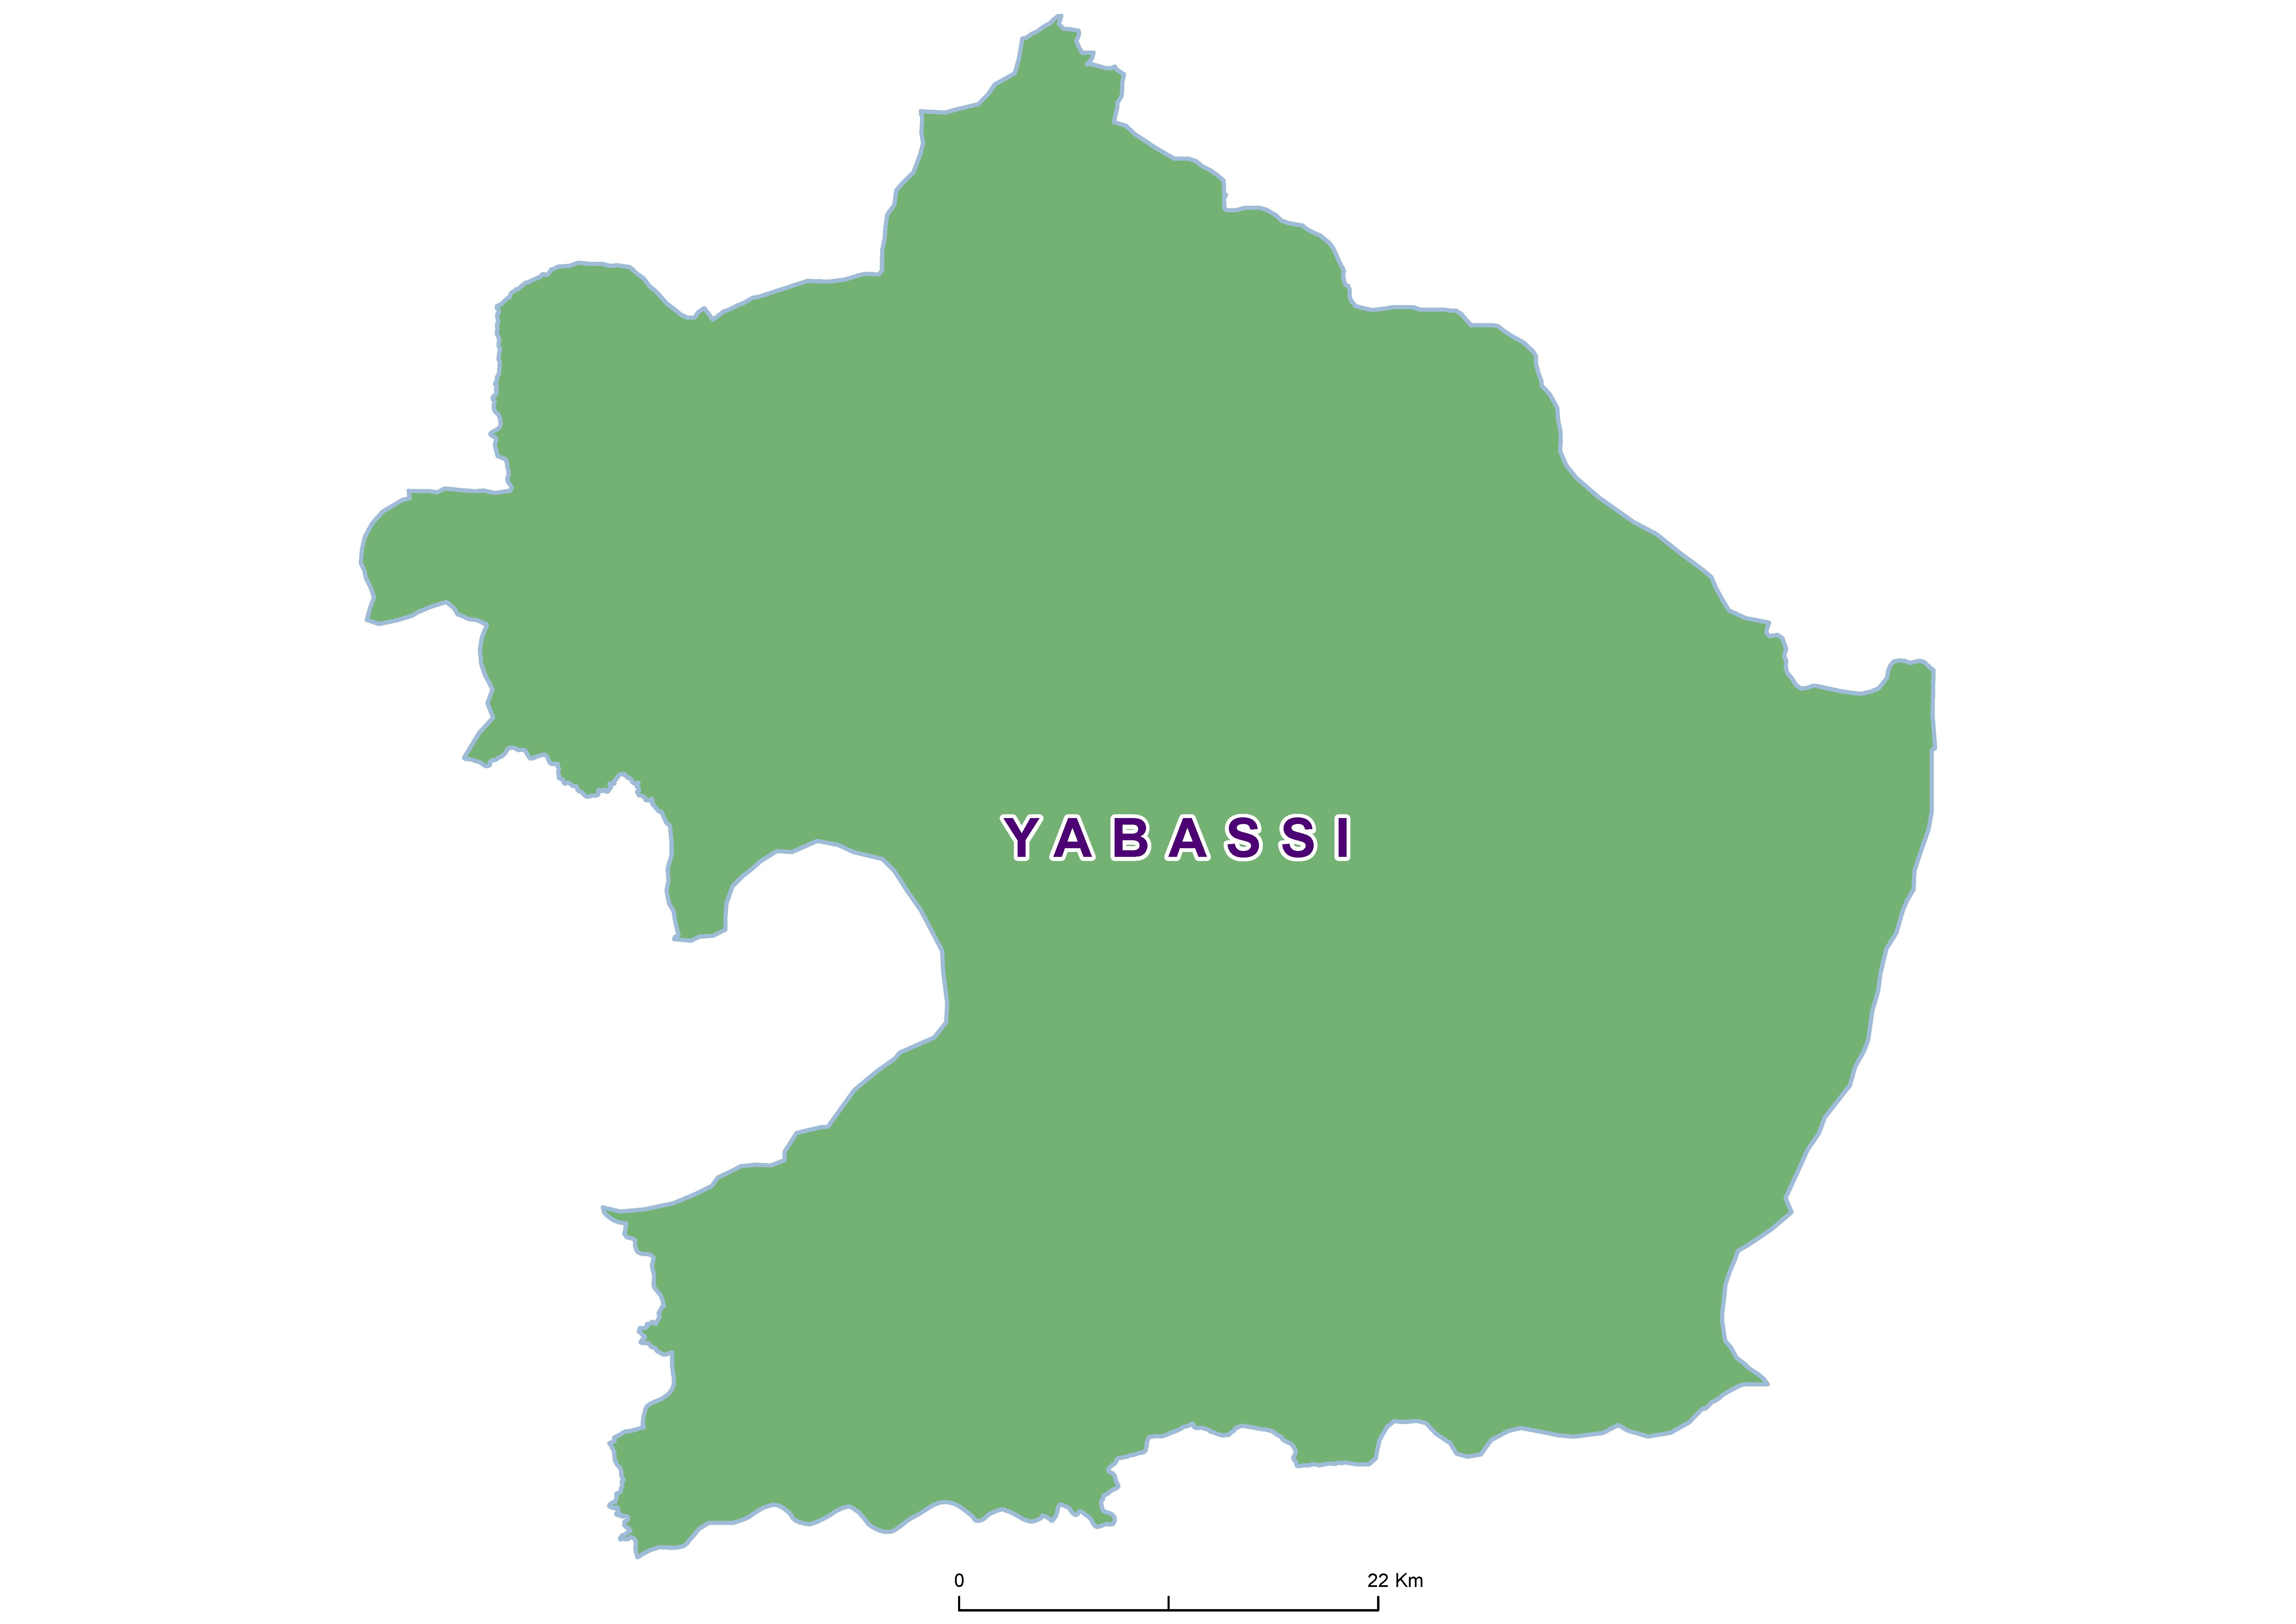 Yabassi Mean SCH 19850001